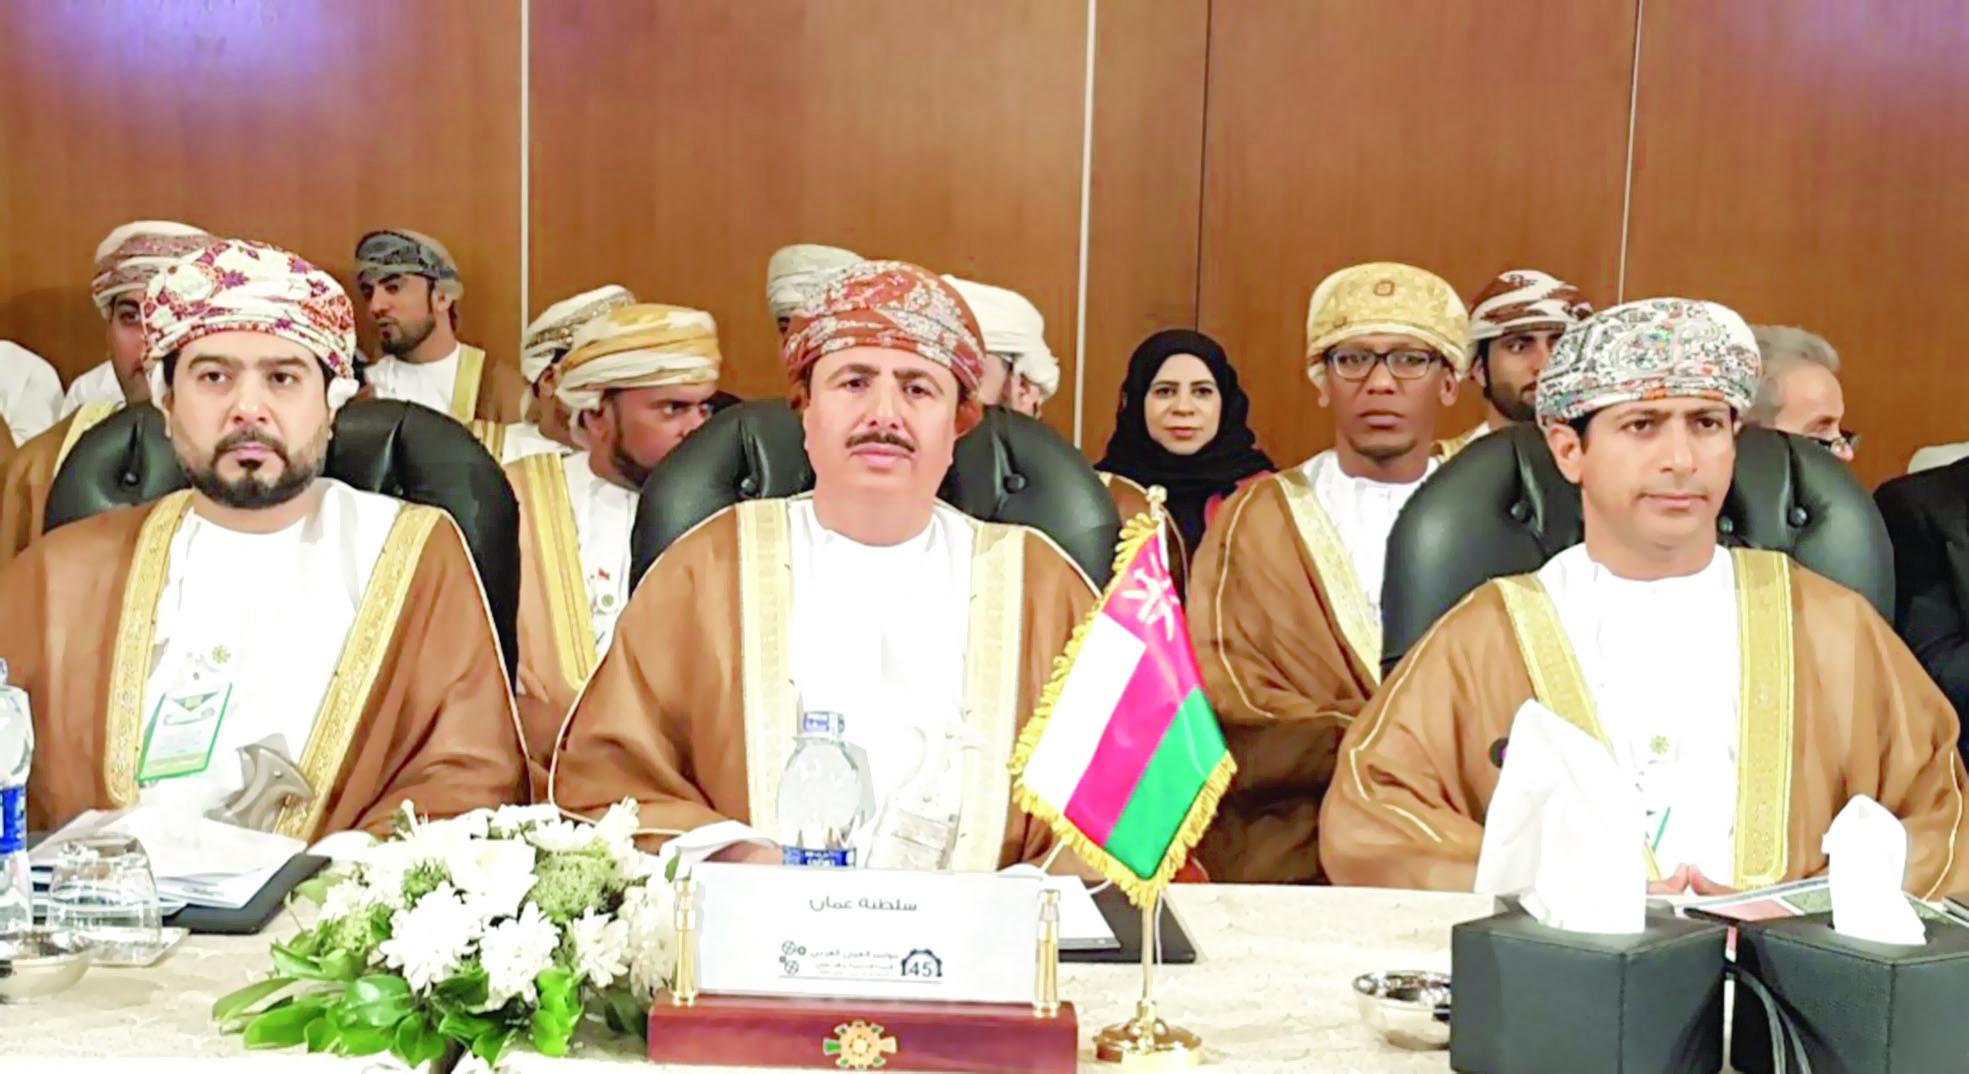 البكري يتــرأس وفــد السلطنة لفريق الحكومات في «العمل العربي»